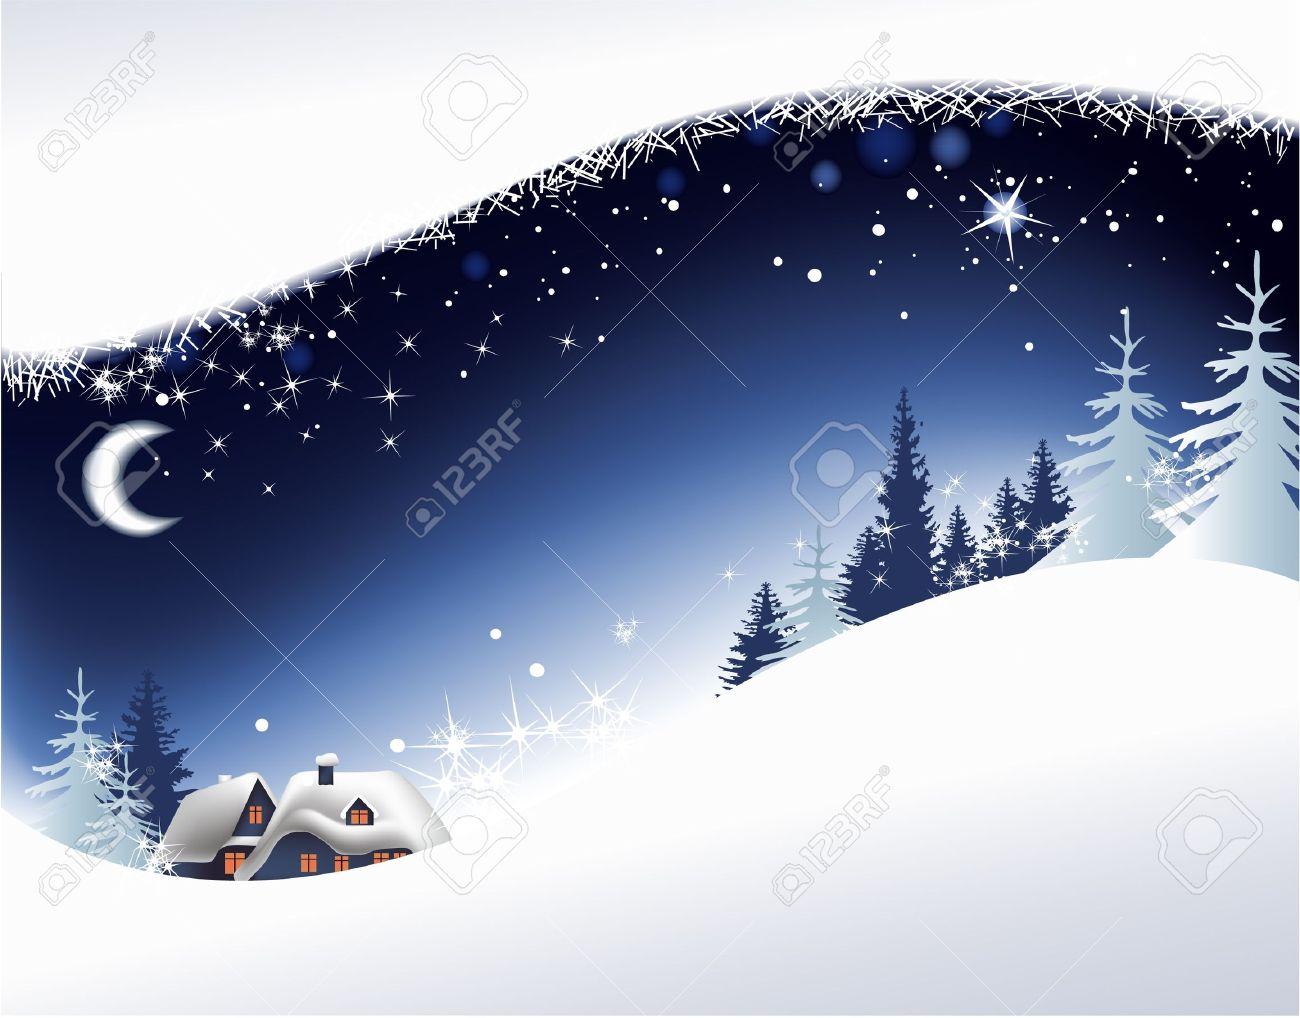 Visualizza altre idee su cartoline di natale, immagini di natale, paesaggi. Vettoriale Paesaggio Di Natale Con Piccola Citta Image 14765649